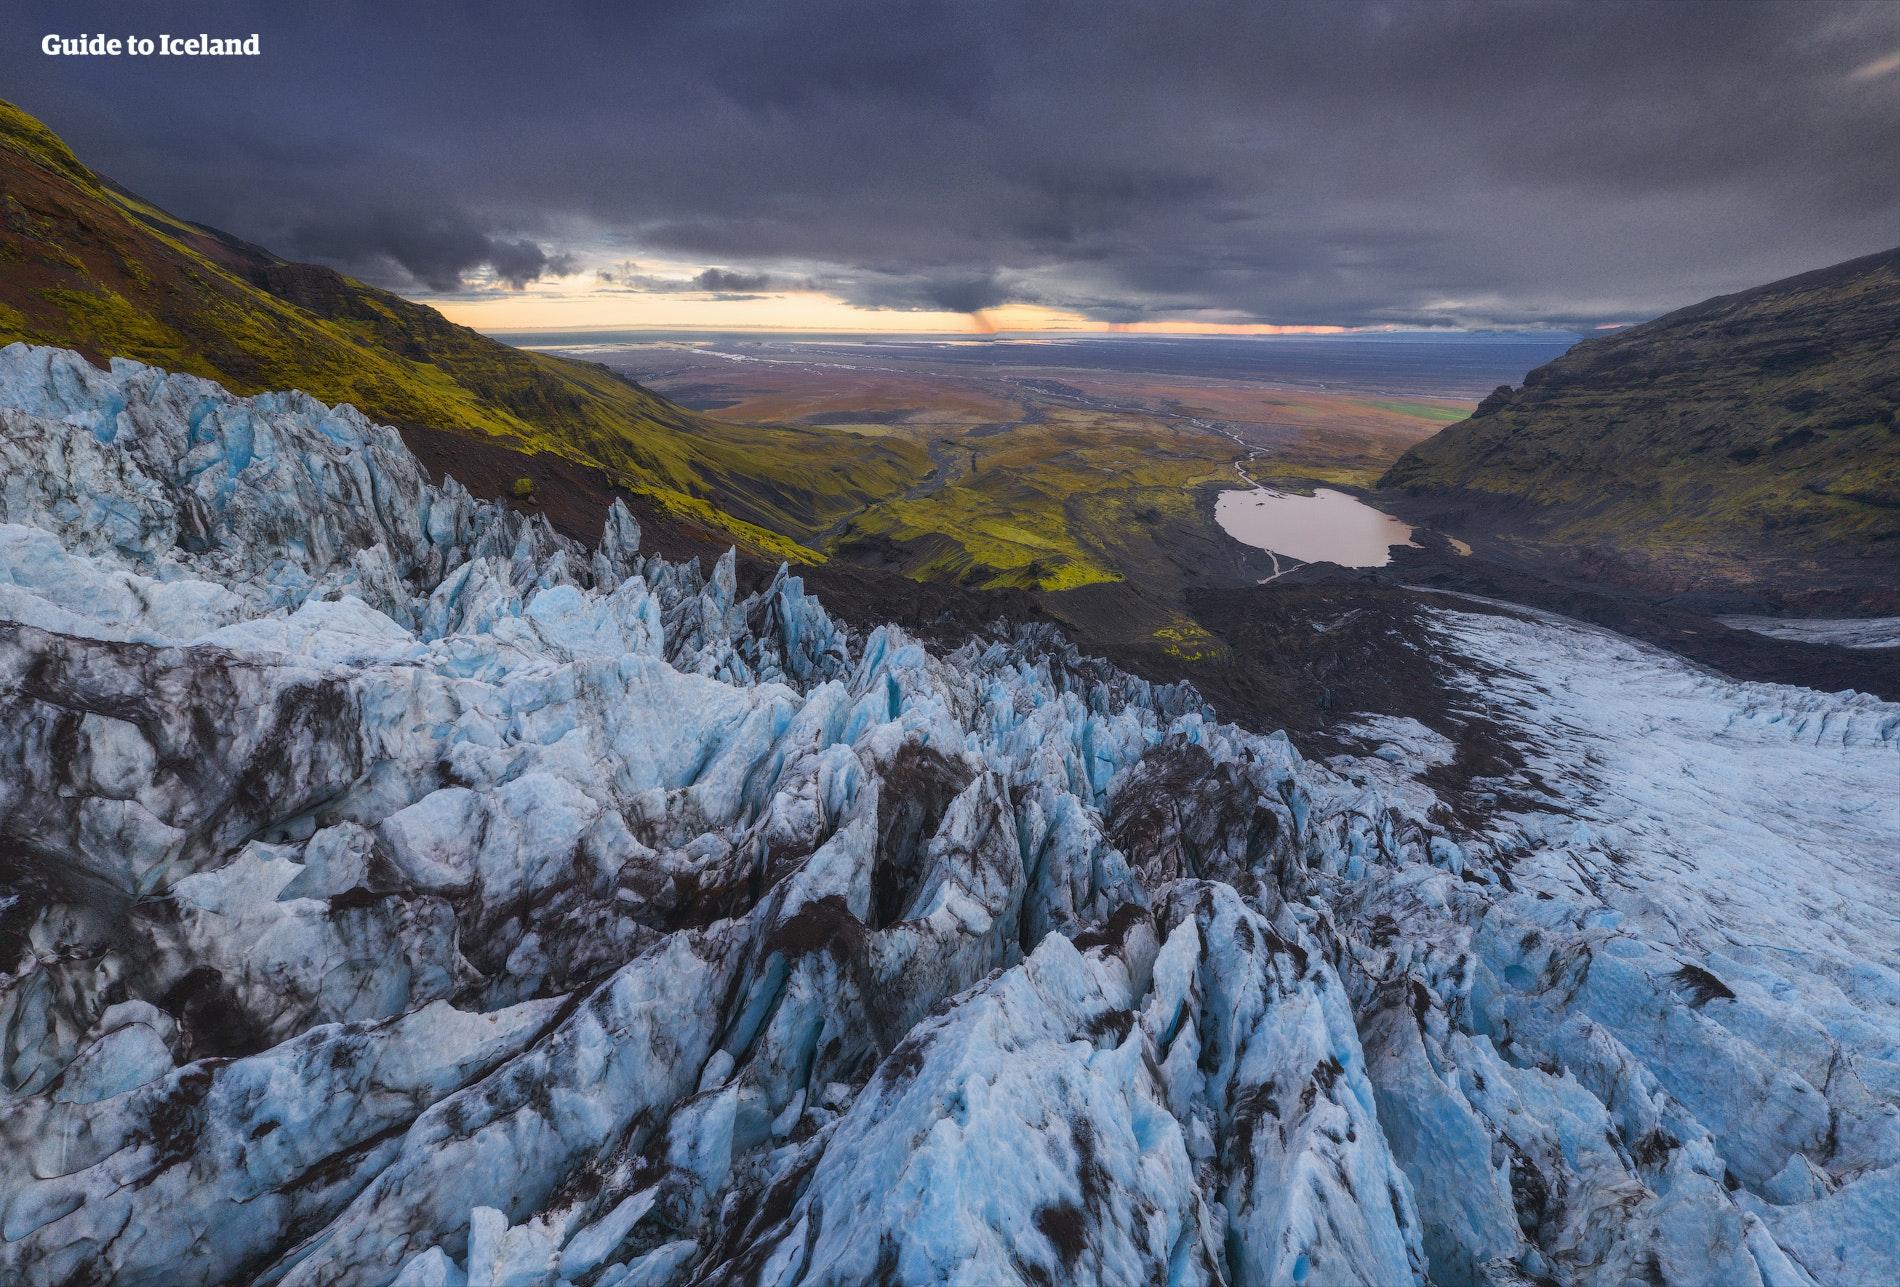 Svínafellsjökull_Glacier_Southeast_Summer_Watermarked_September 2018.jpg